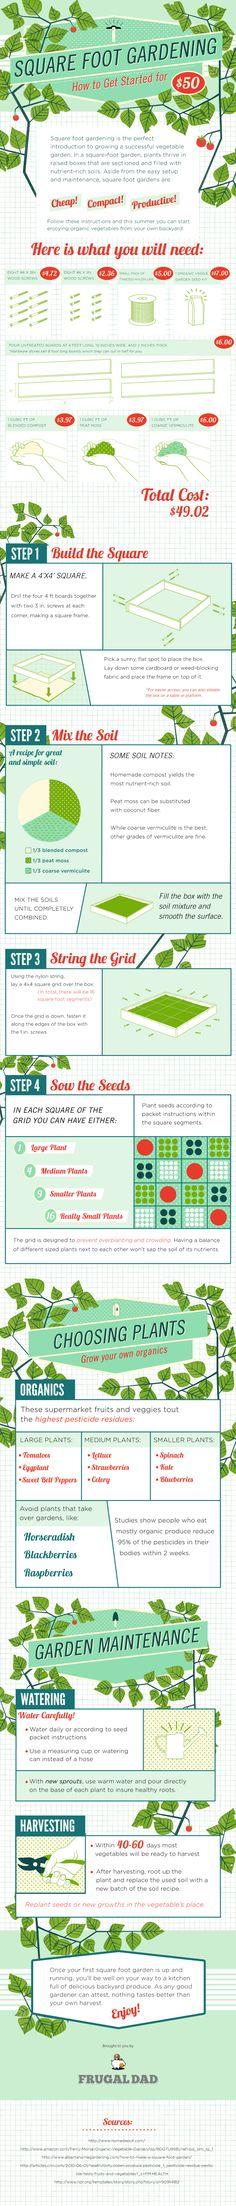 22 best Jardin cahiers, logiciels images on Pinterest Vegetable - Logiciel Pour Dessiner Plan Maison Gratuit